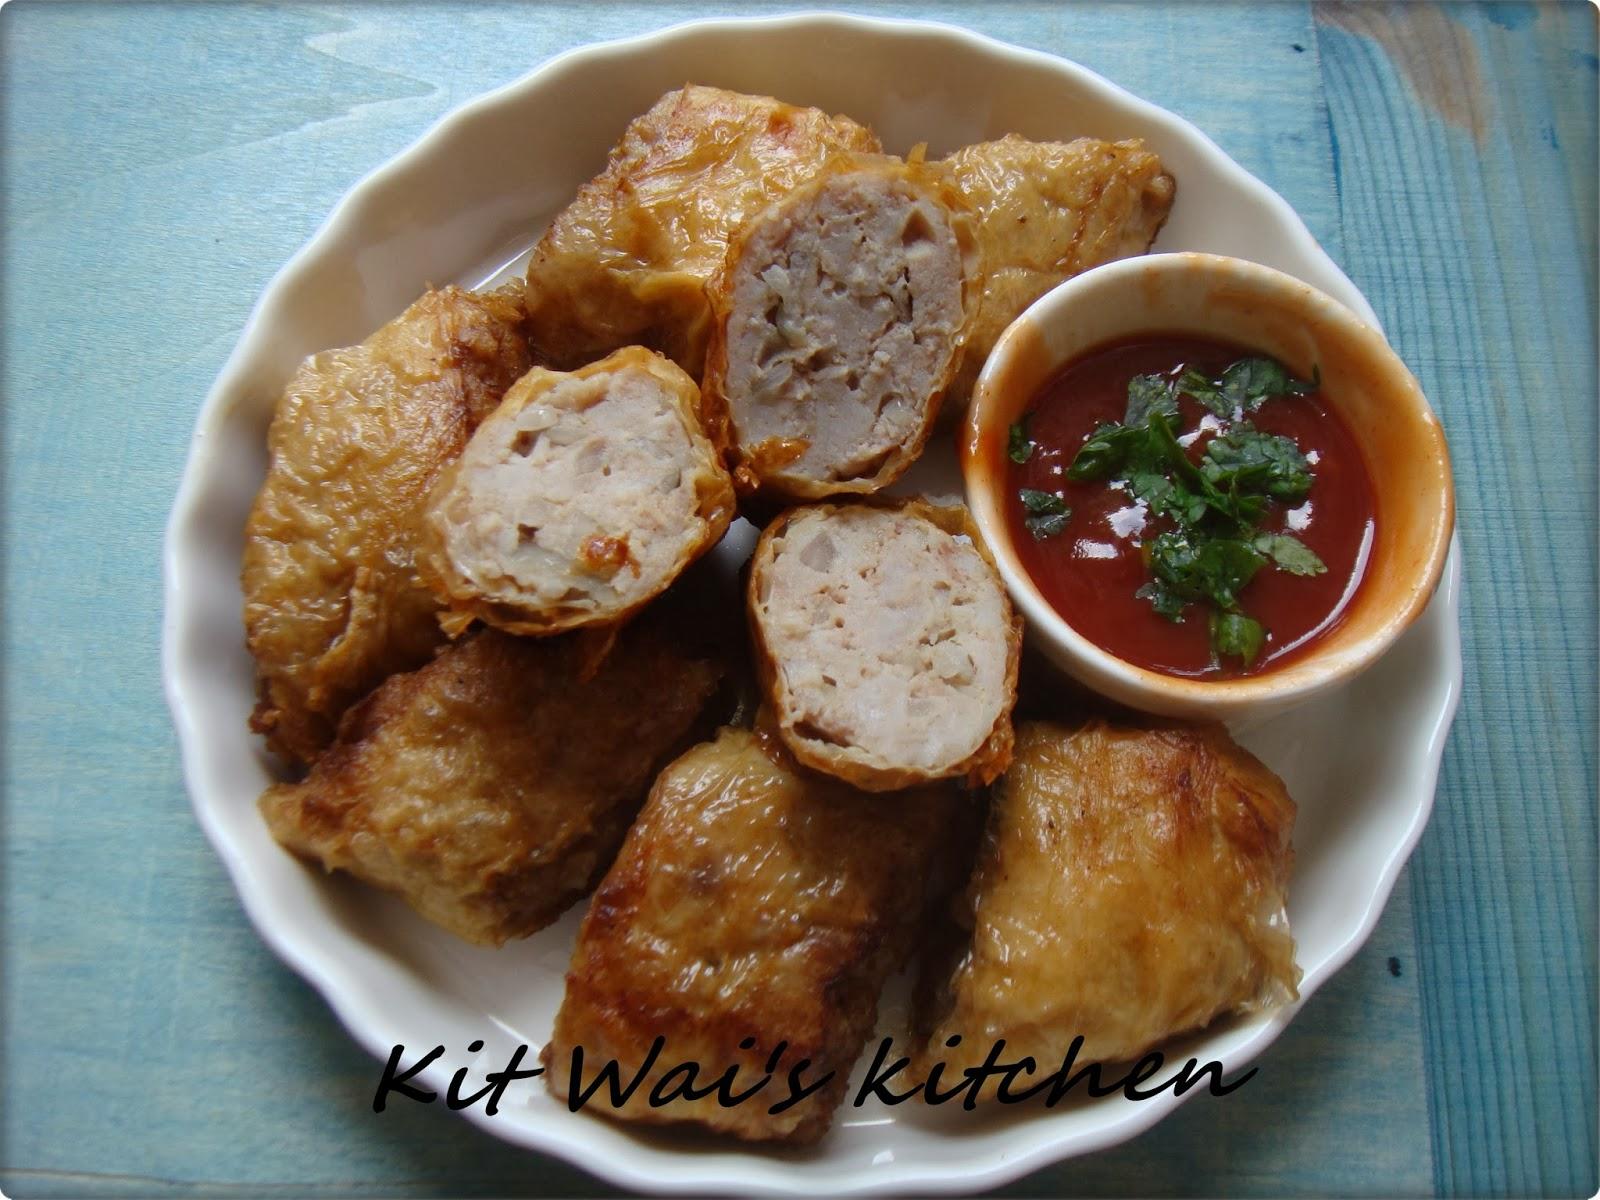 Kit Wai's kitchen : 香脆腐竹卷 ~ Crispy tofu skin rolls